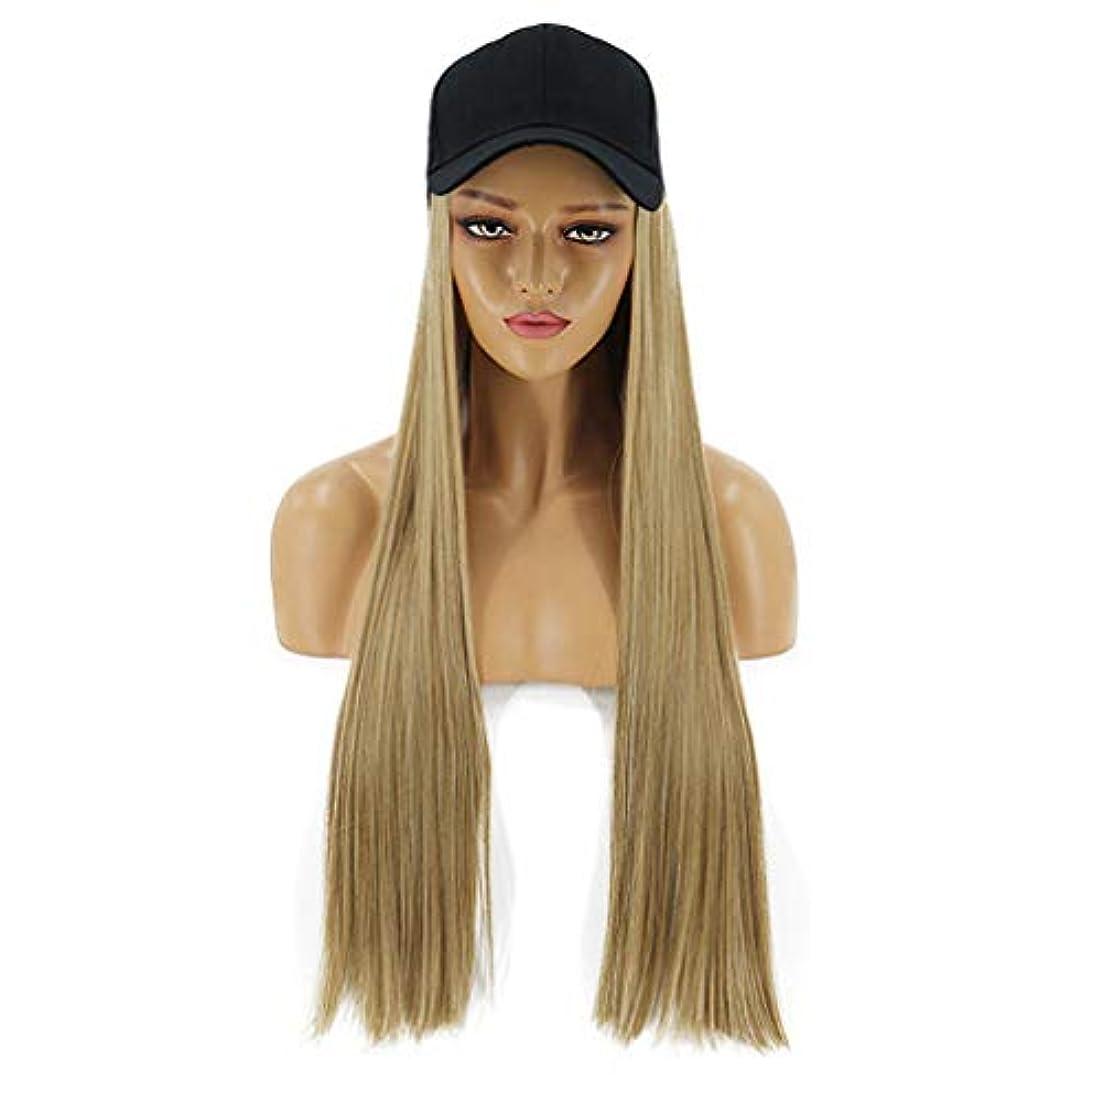 企業皮肉な願望女性ウィッグ2 in 1ロングストレートカーリーヘアウィッグ野球帽付きかつらハロウィンクリスマスパーティー